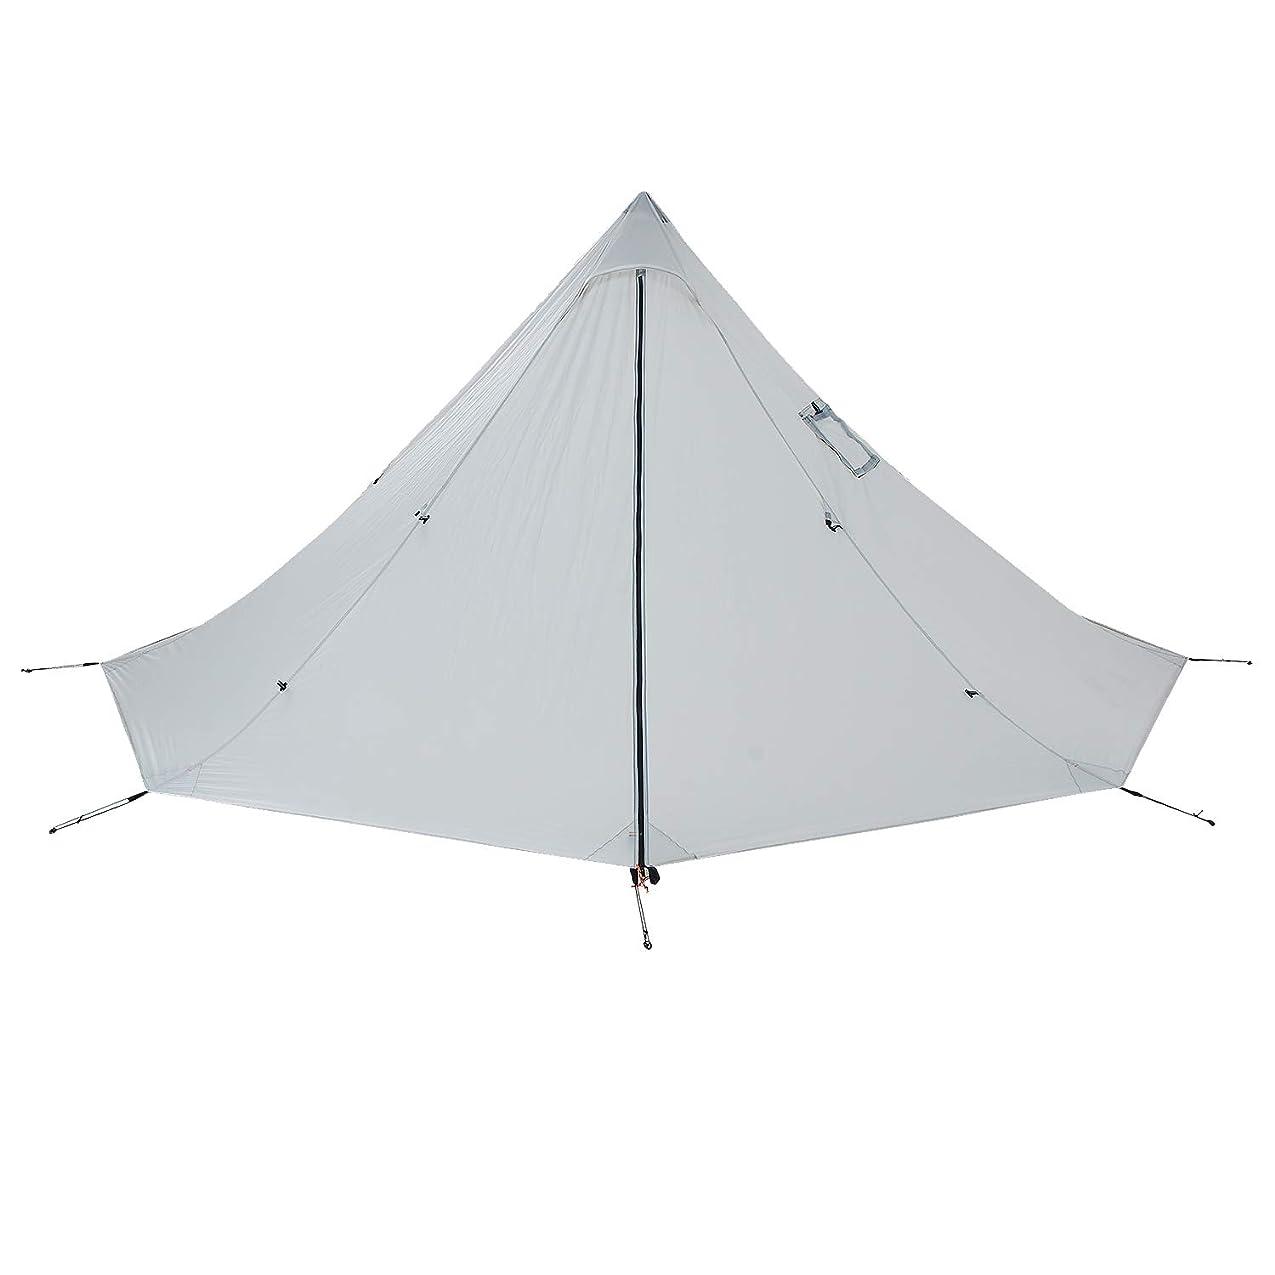 フルーツアンペアモディッシュBlack Orca ワンポールテント 軽量テント 2人用 簡単設営 防水 キャンプ用